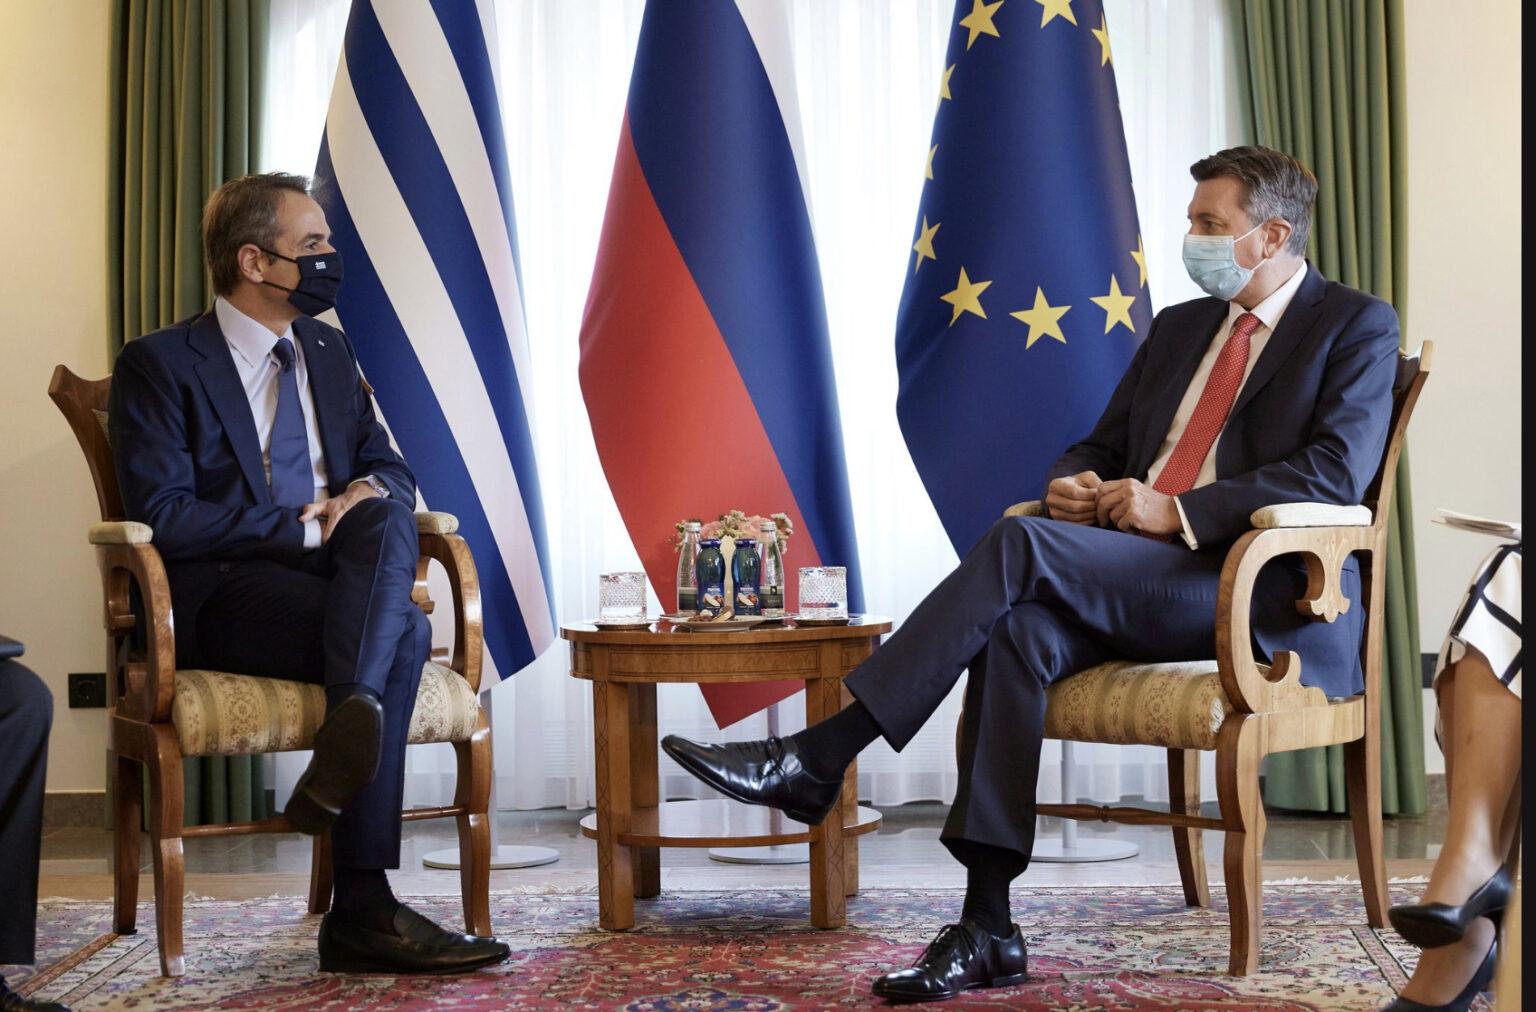 Ελλάδα: Με Janša και Pahor συναντήθηκε ο Μητσοτάκης